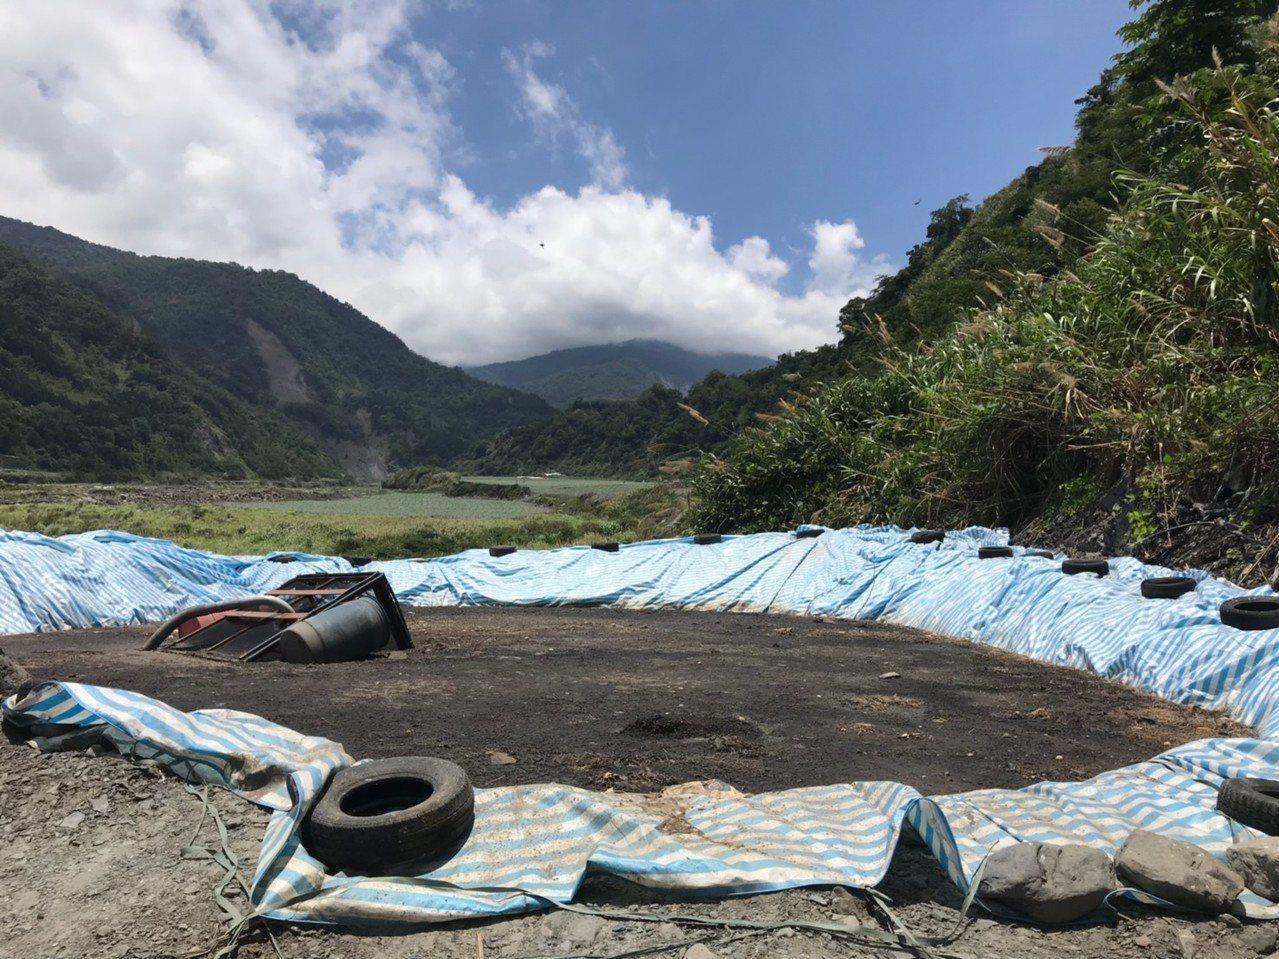 宜蘭縣環保局查獲半夜違法偷倒生雞糞在蘭陽溪上游河川地,依法送辦。圖/縣府提供